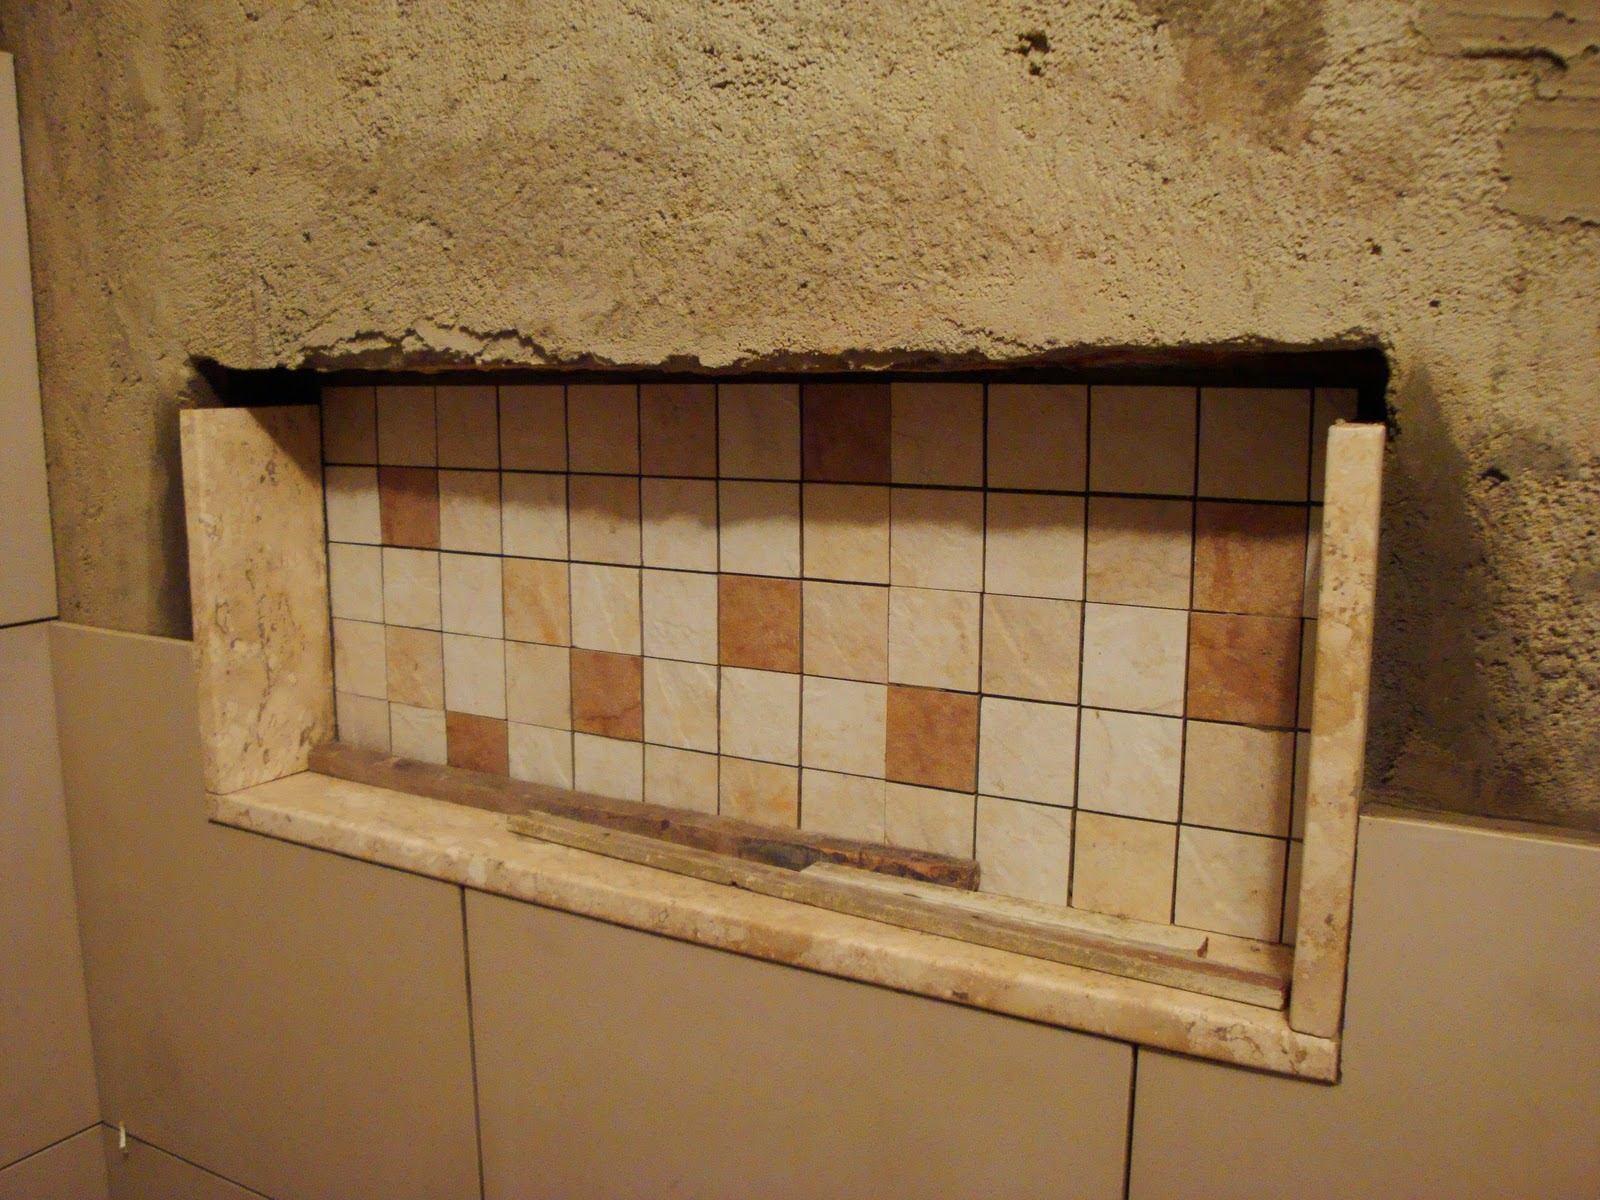 Reforma do Banheiro Nicho para o Banheiro -> Nicho Box Banheiro Medidas